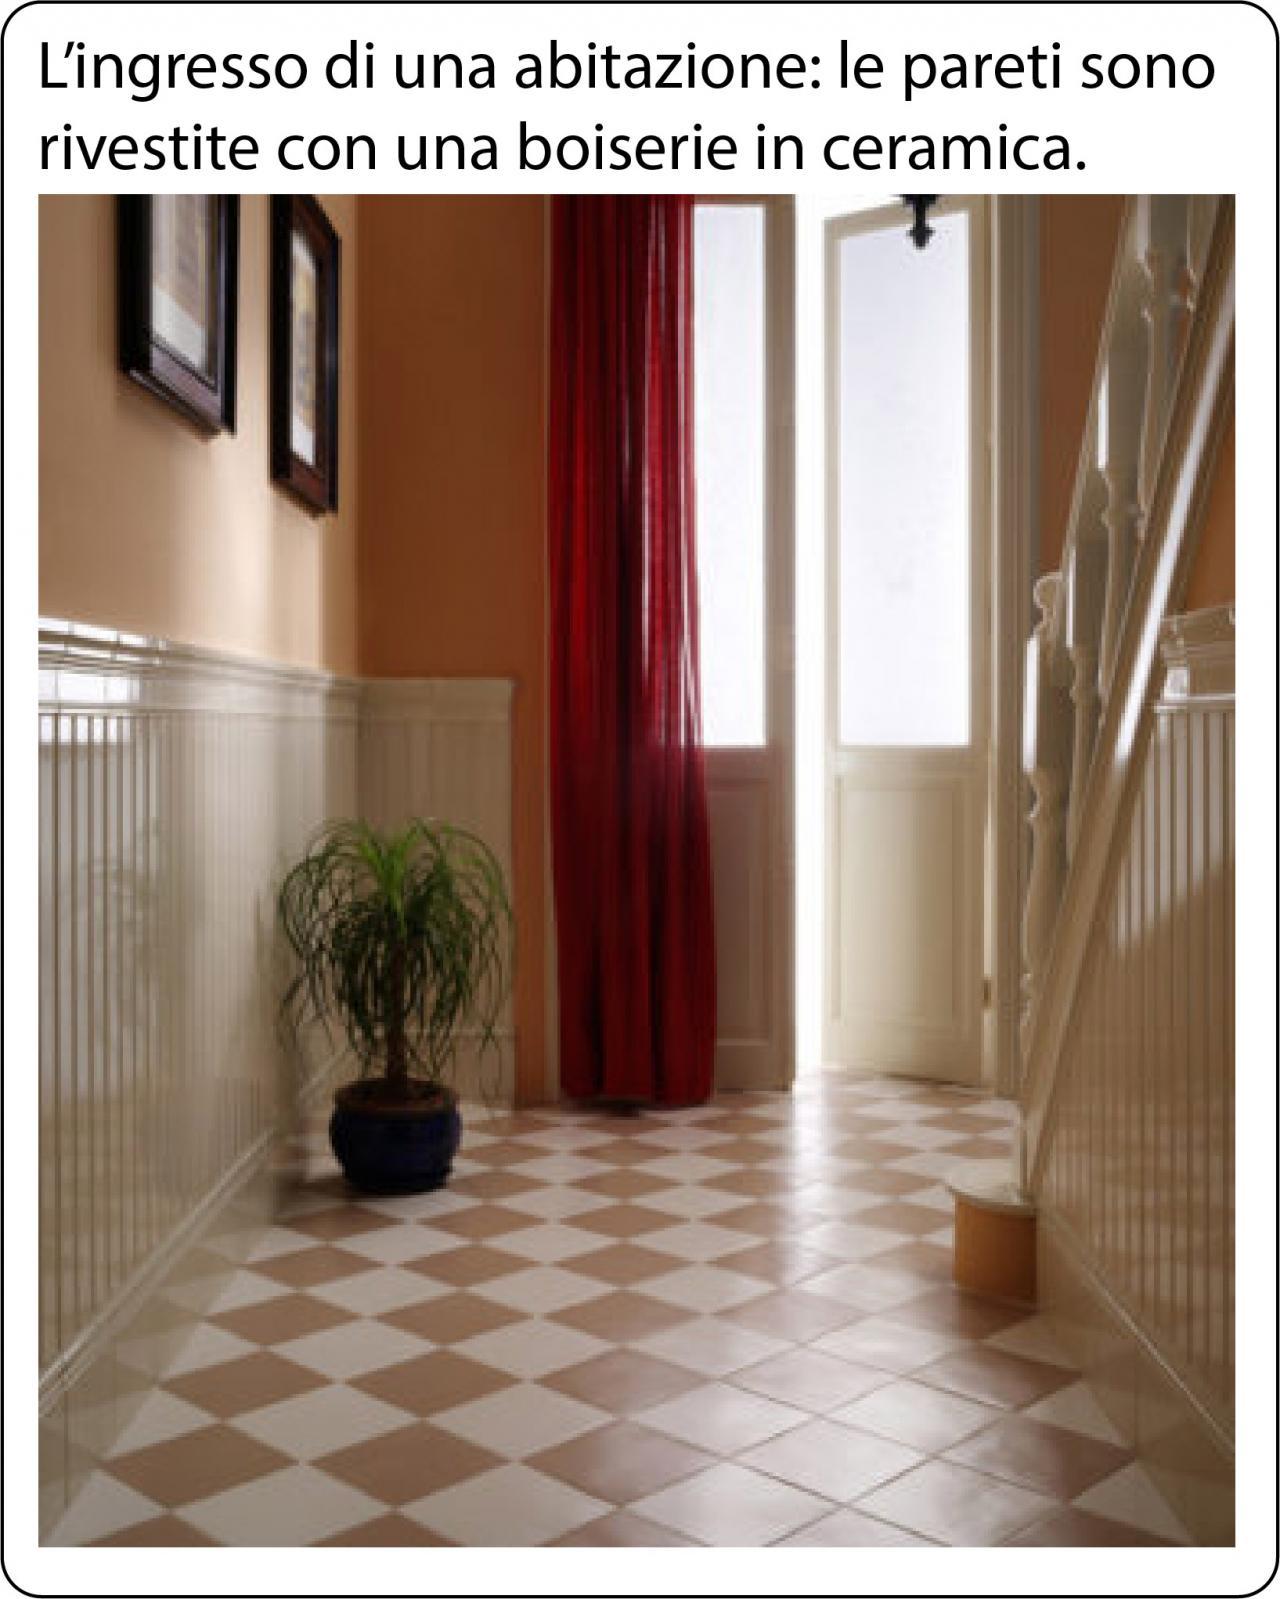 Piastrelle in inglese idee per la casa for Piastrelle esagonali bricoman